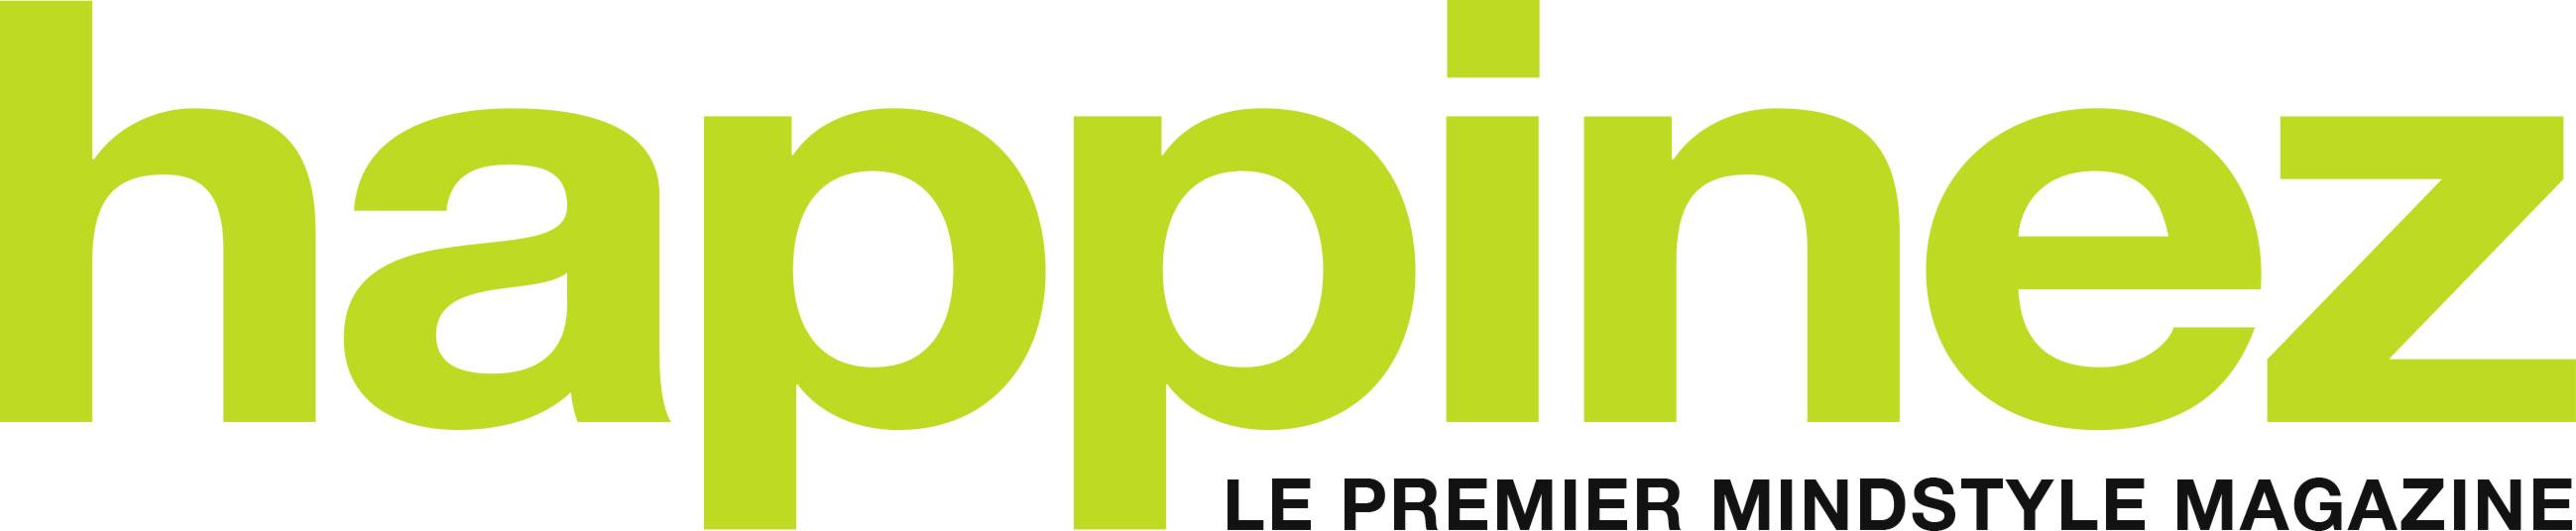 happinez-logo-vert-premier